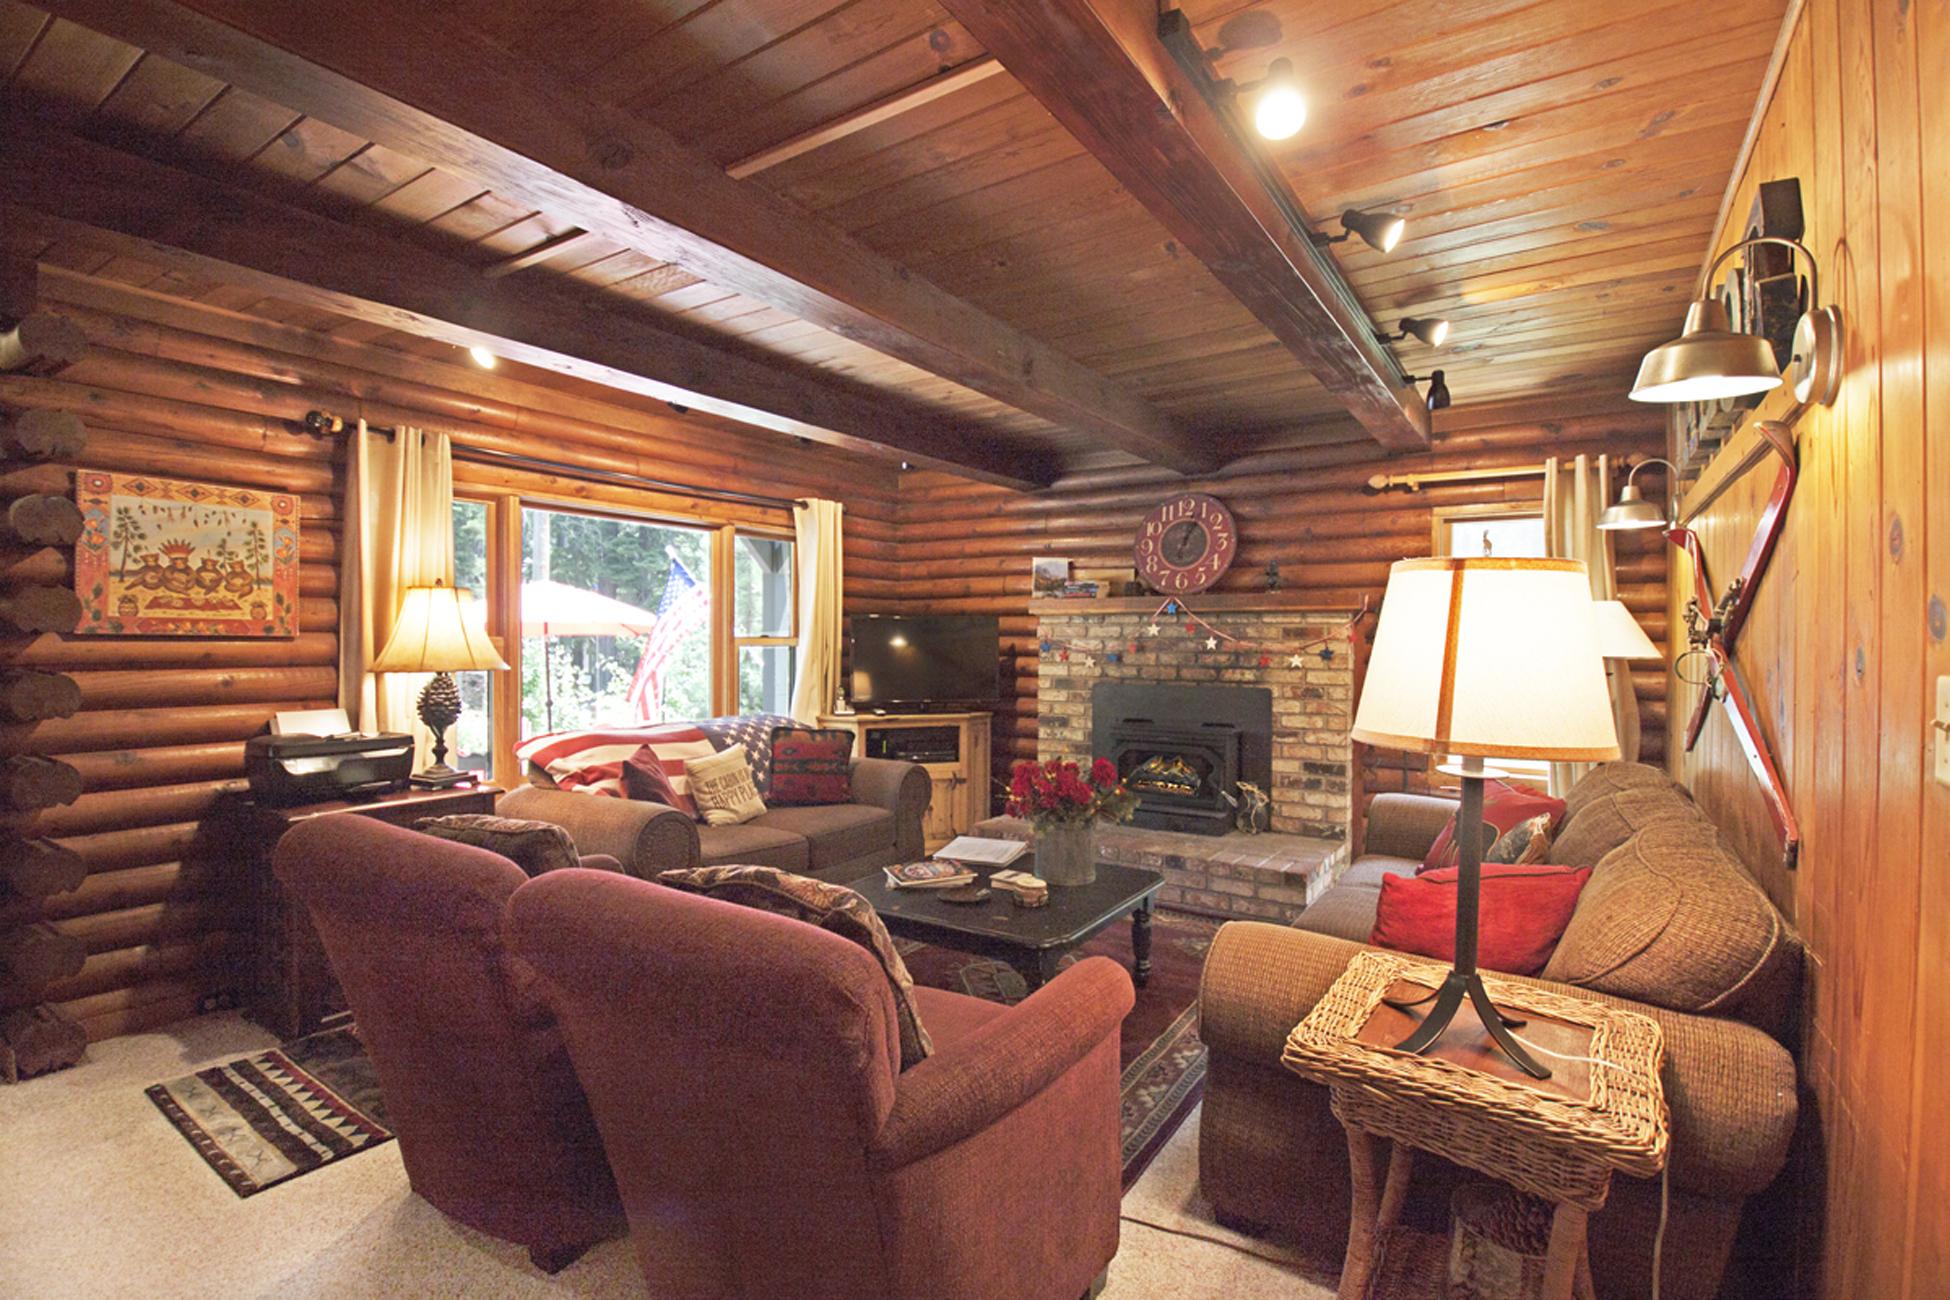 Listing Image 4 for Karley's Lake Lodge